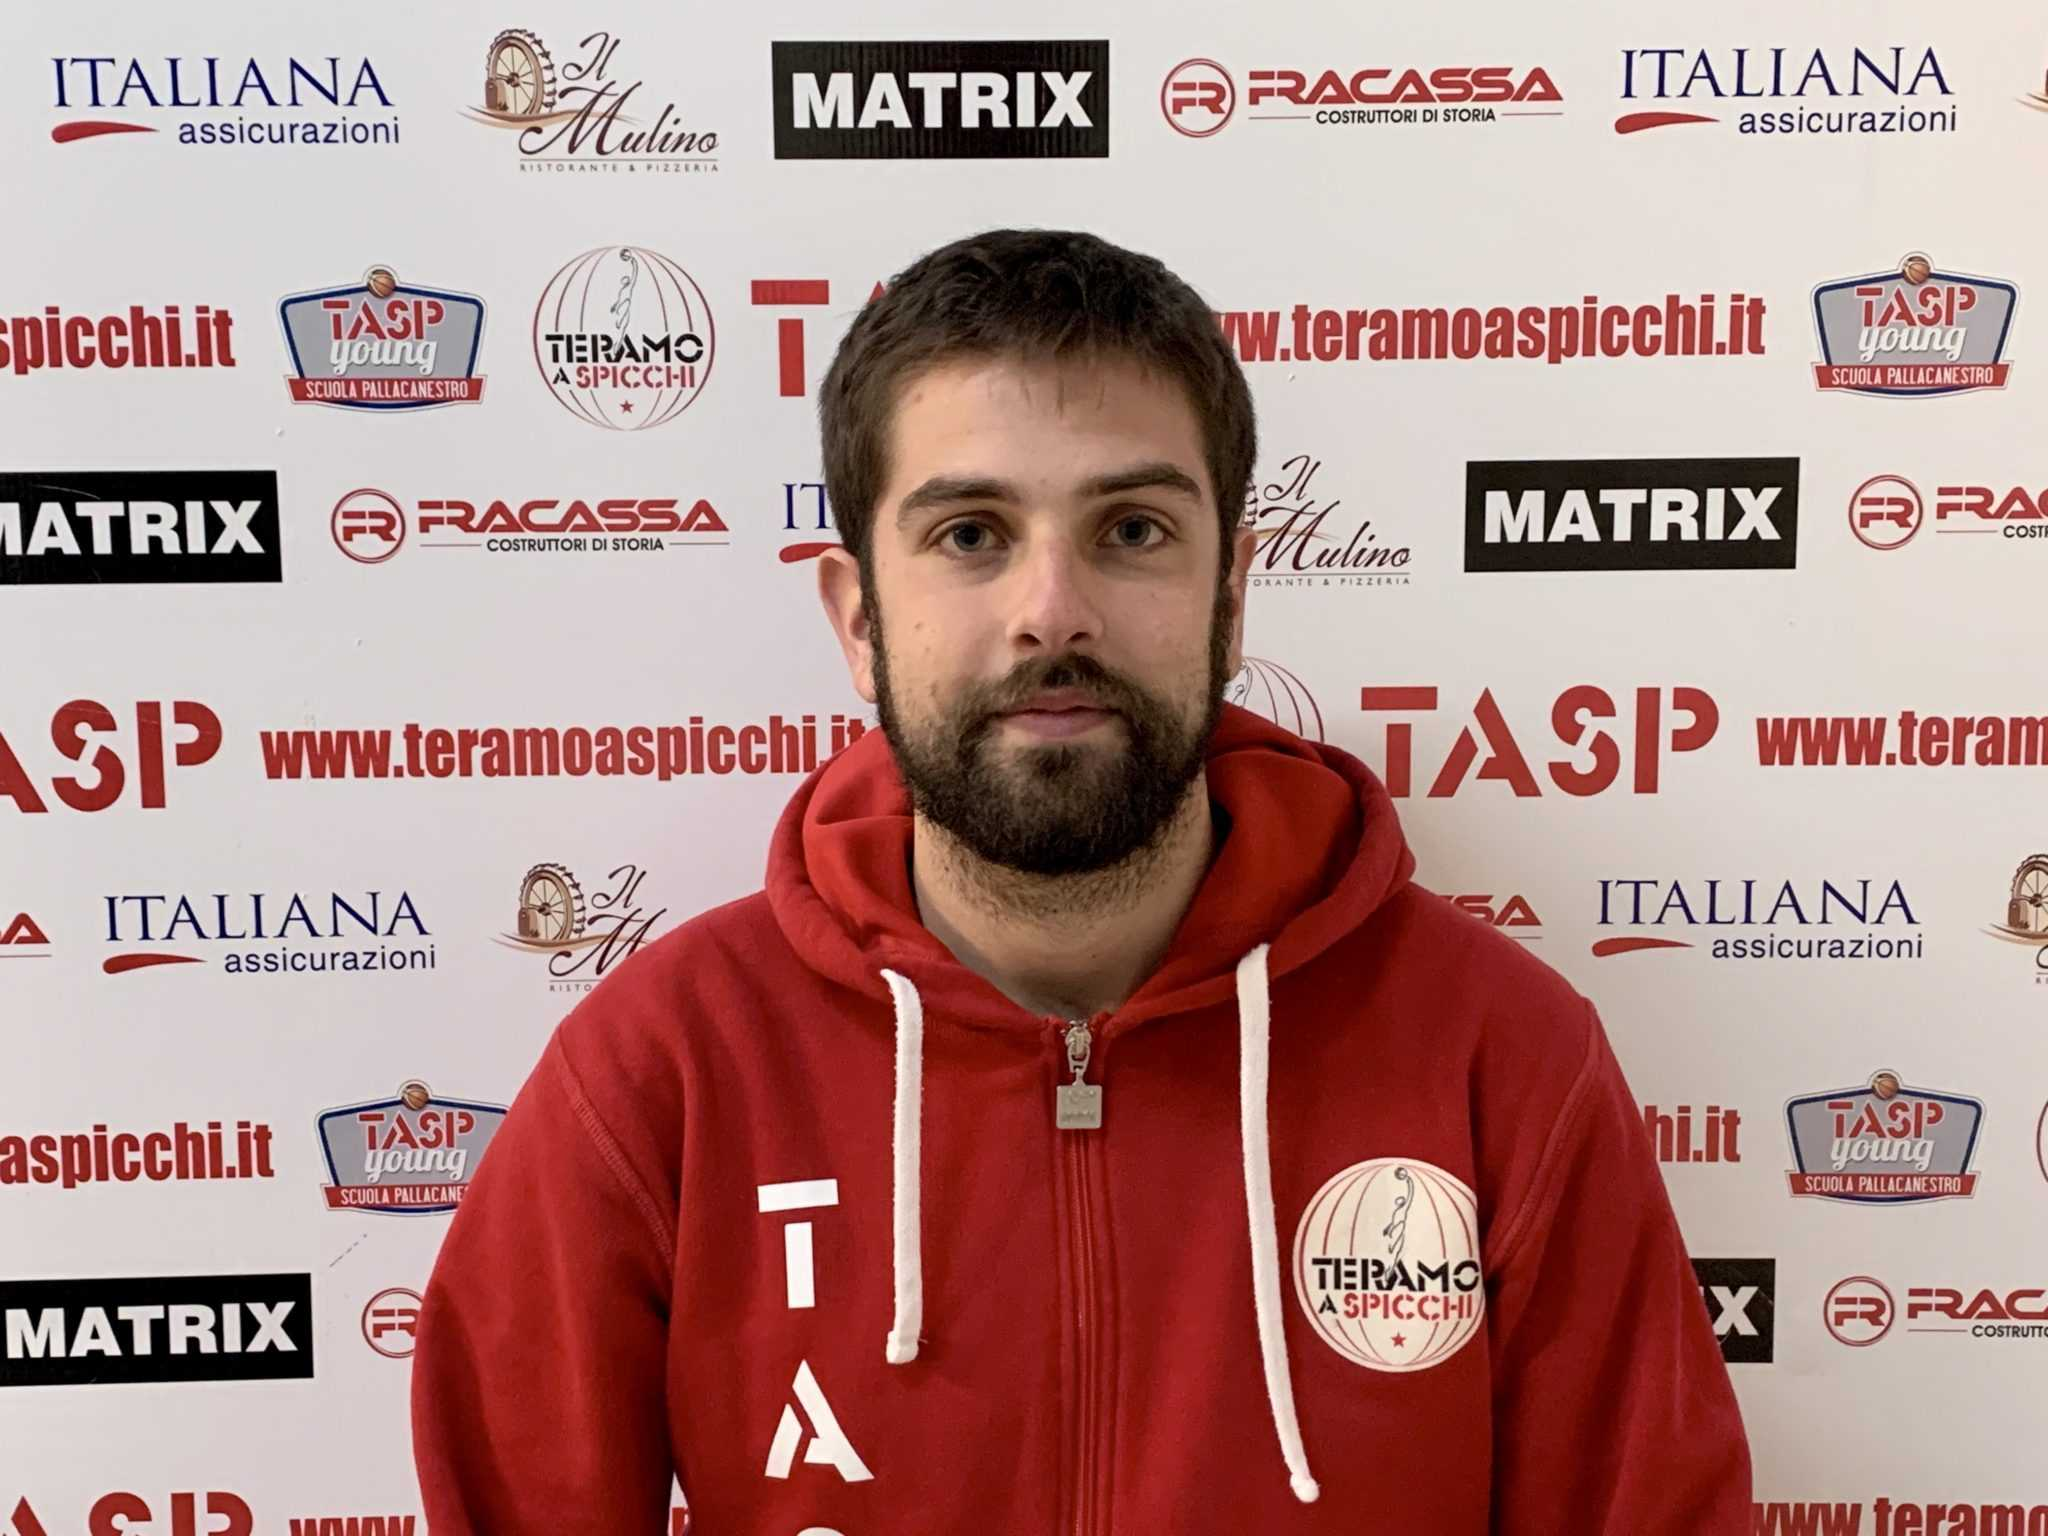 Scuola Pallacanestro TaSp Young, grande ritorno di Matteo Gioia  alla guida degli Under 18 Gold